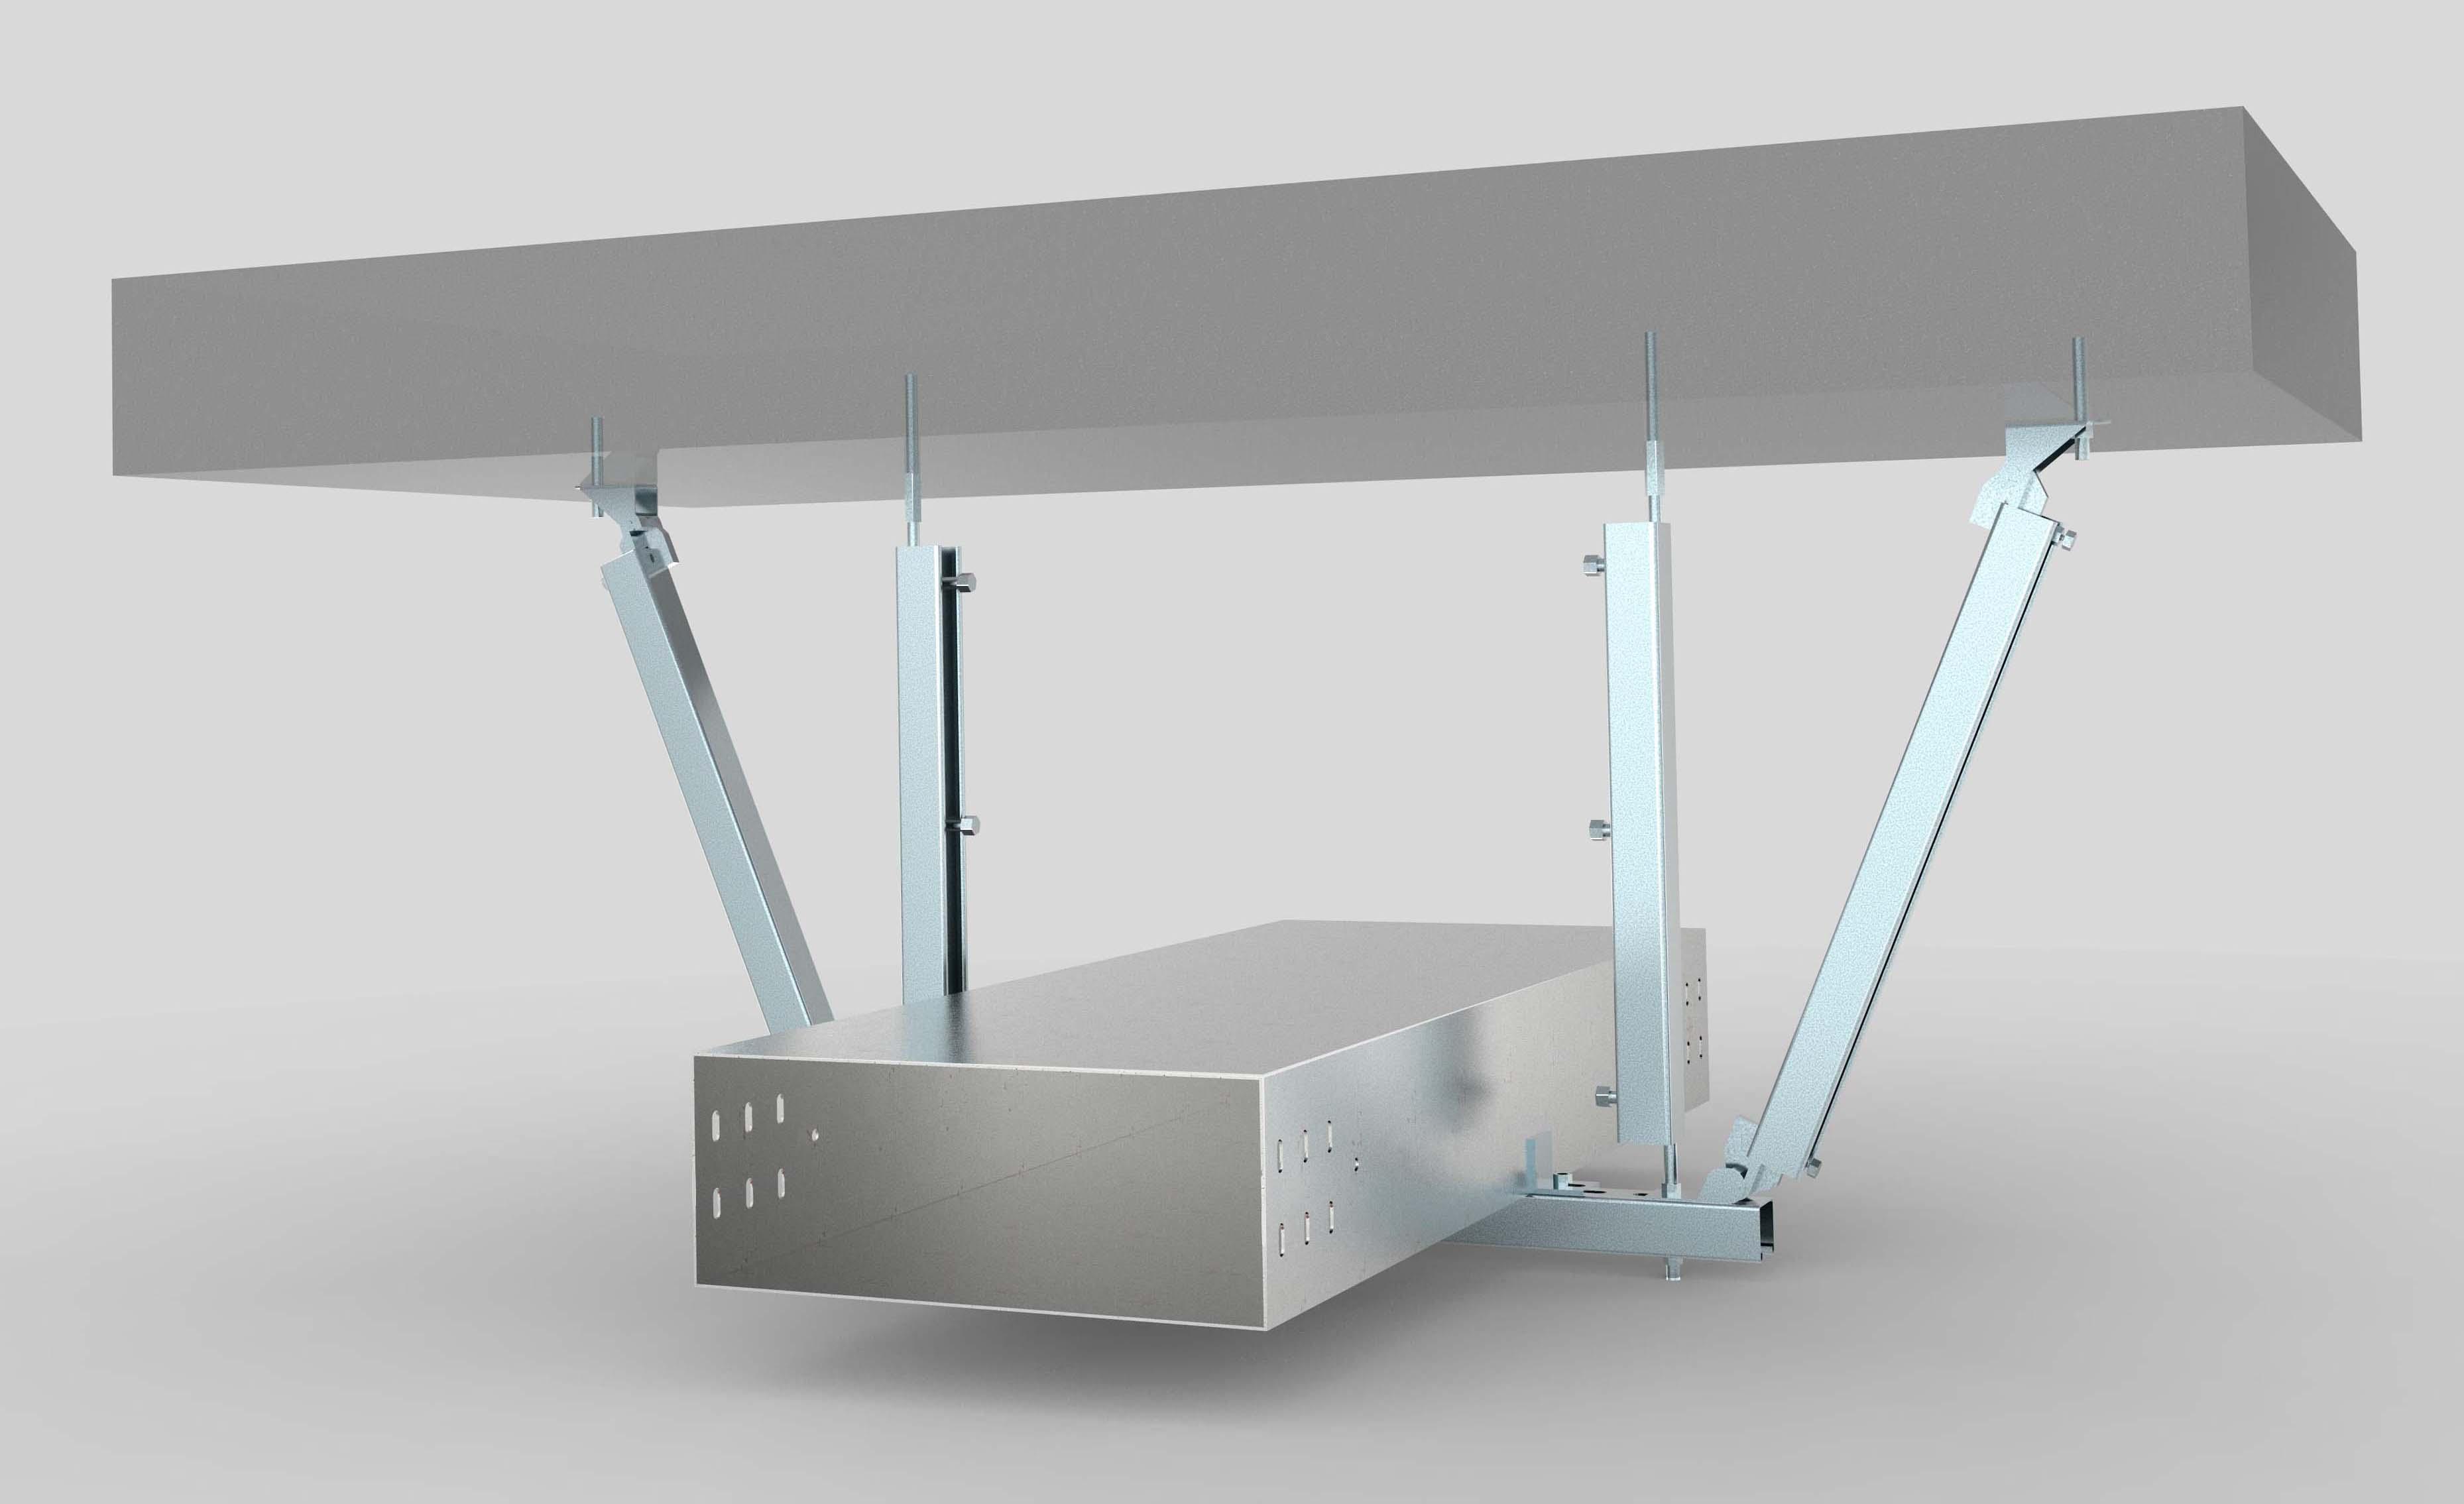 自贡抗震支架在厂房使用中质量控制方法介绍